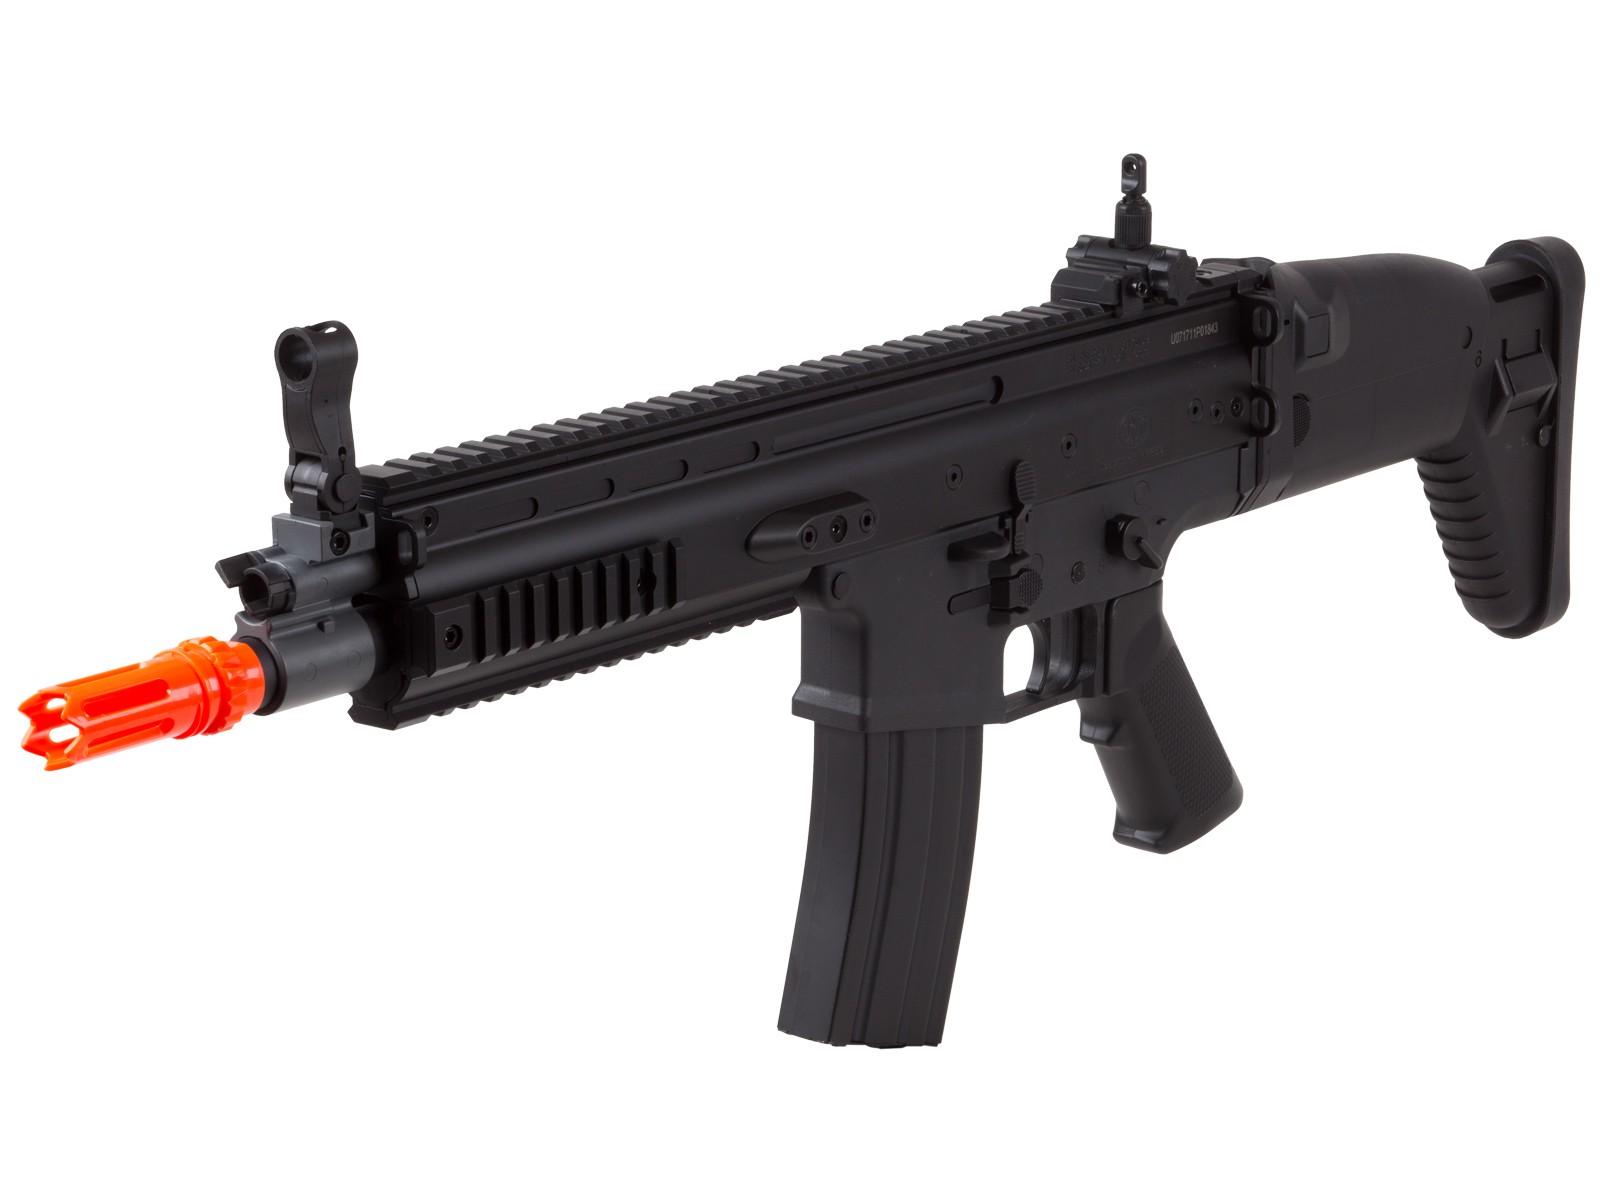 FN SCAR-L AEG Airsoft Rifle, Black 6mm